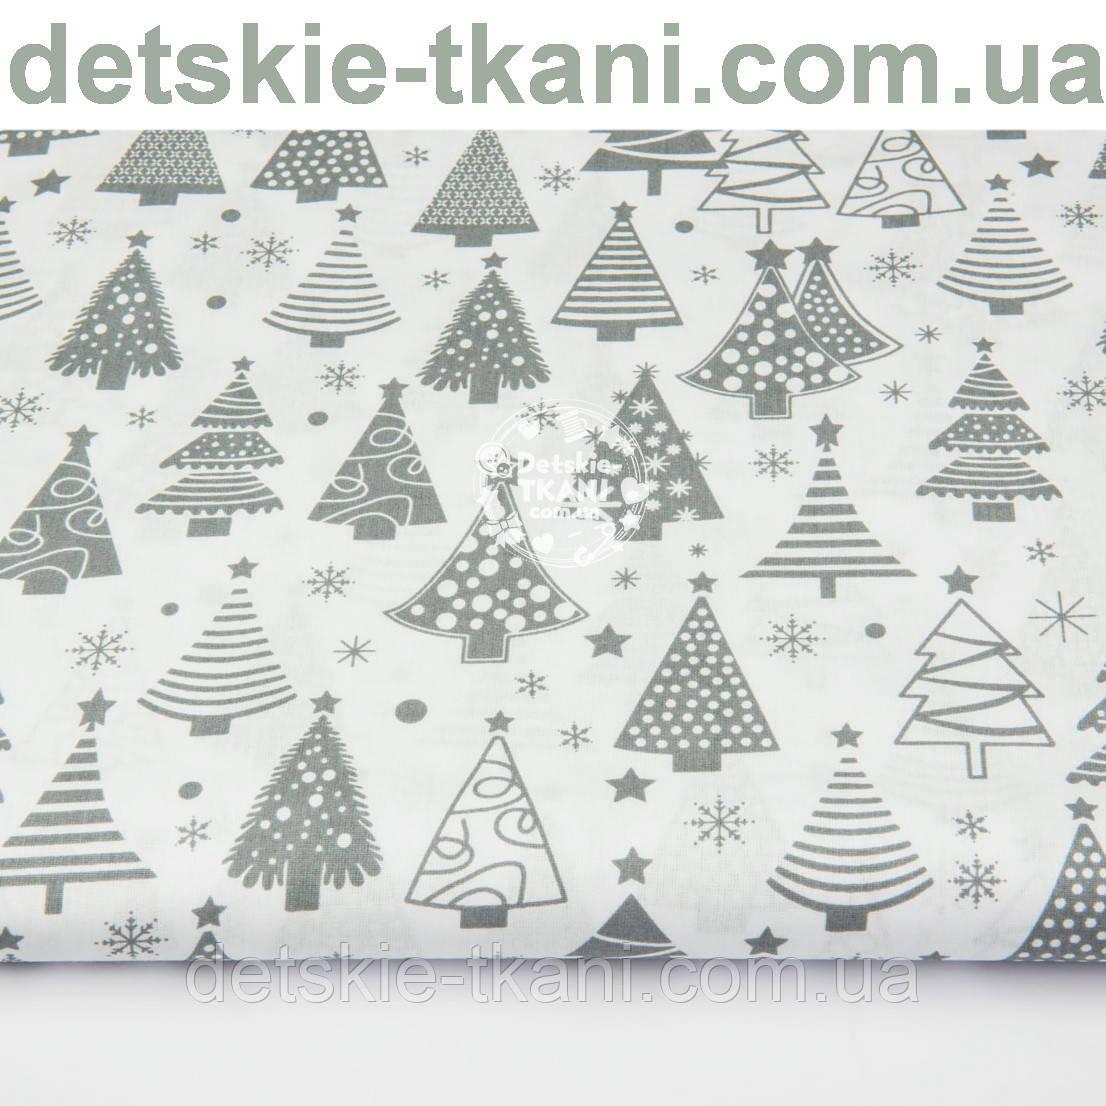 """Ткань новогодняя """"Ёлки разной формы"""" серые на белом фоне, № 1098"""